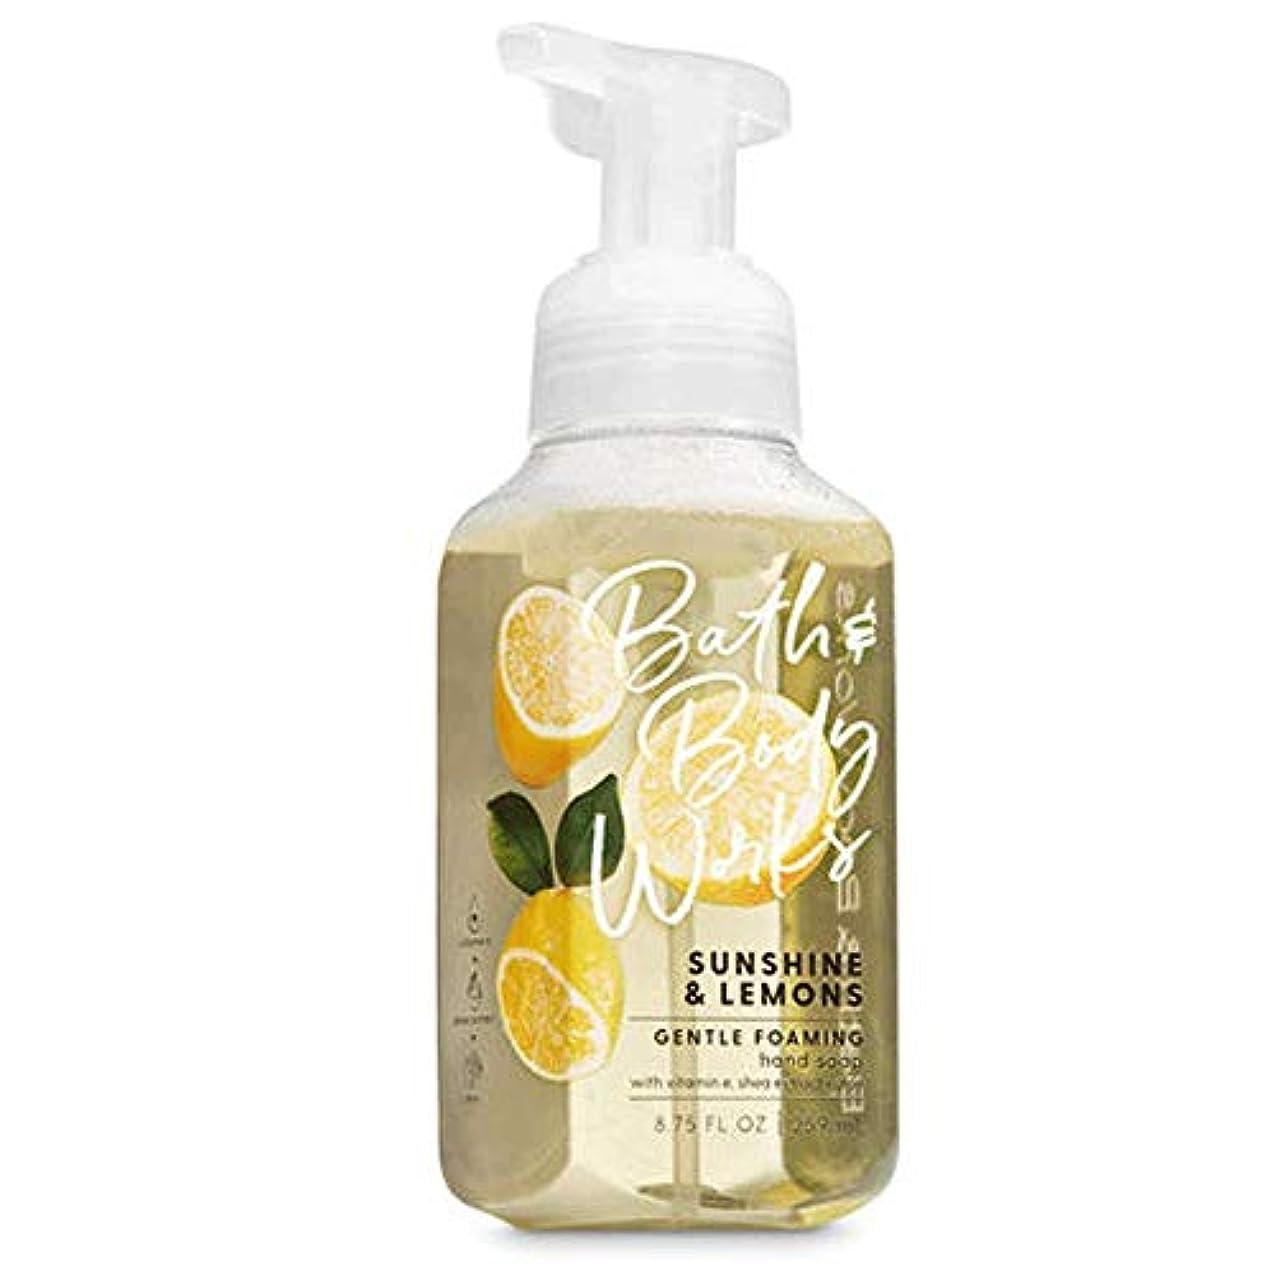 パントリー子孫ムスバス&ボディワークス サンシャインレモン ジェントル フォーミング ハンドソープ Sunshine & Lemons Gentle Foaming Hand Soap